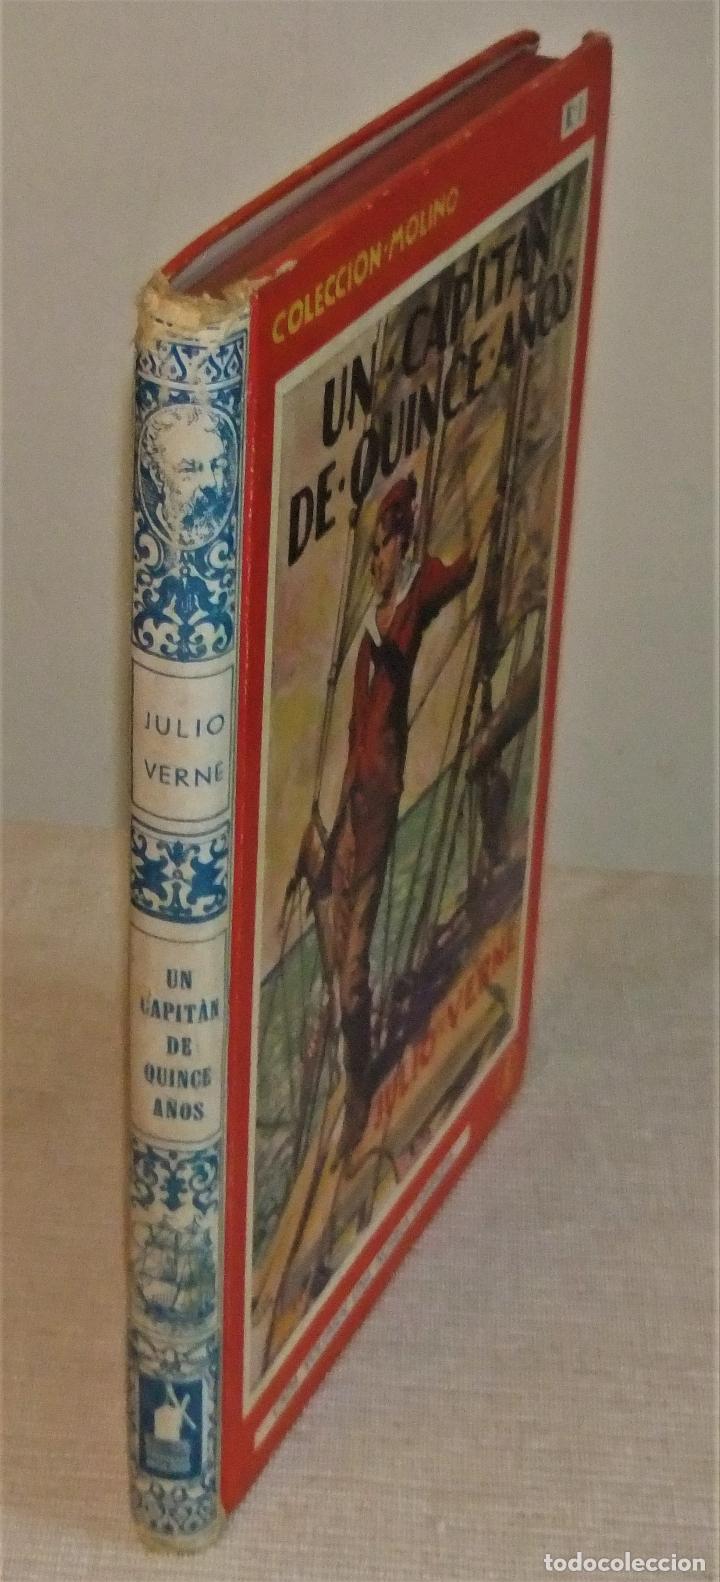 Libros antiguos: UN CAPITAN DE QUINCE AÑOS de JULIO VERNE 1ª EDICIÓN 1934 EDITORIAL MOLINO - Foto 6 - 118894063